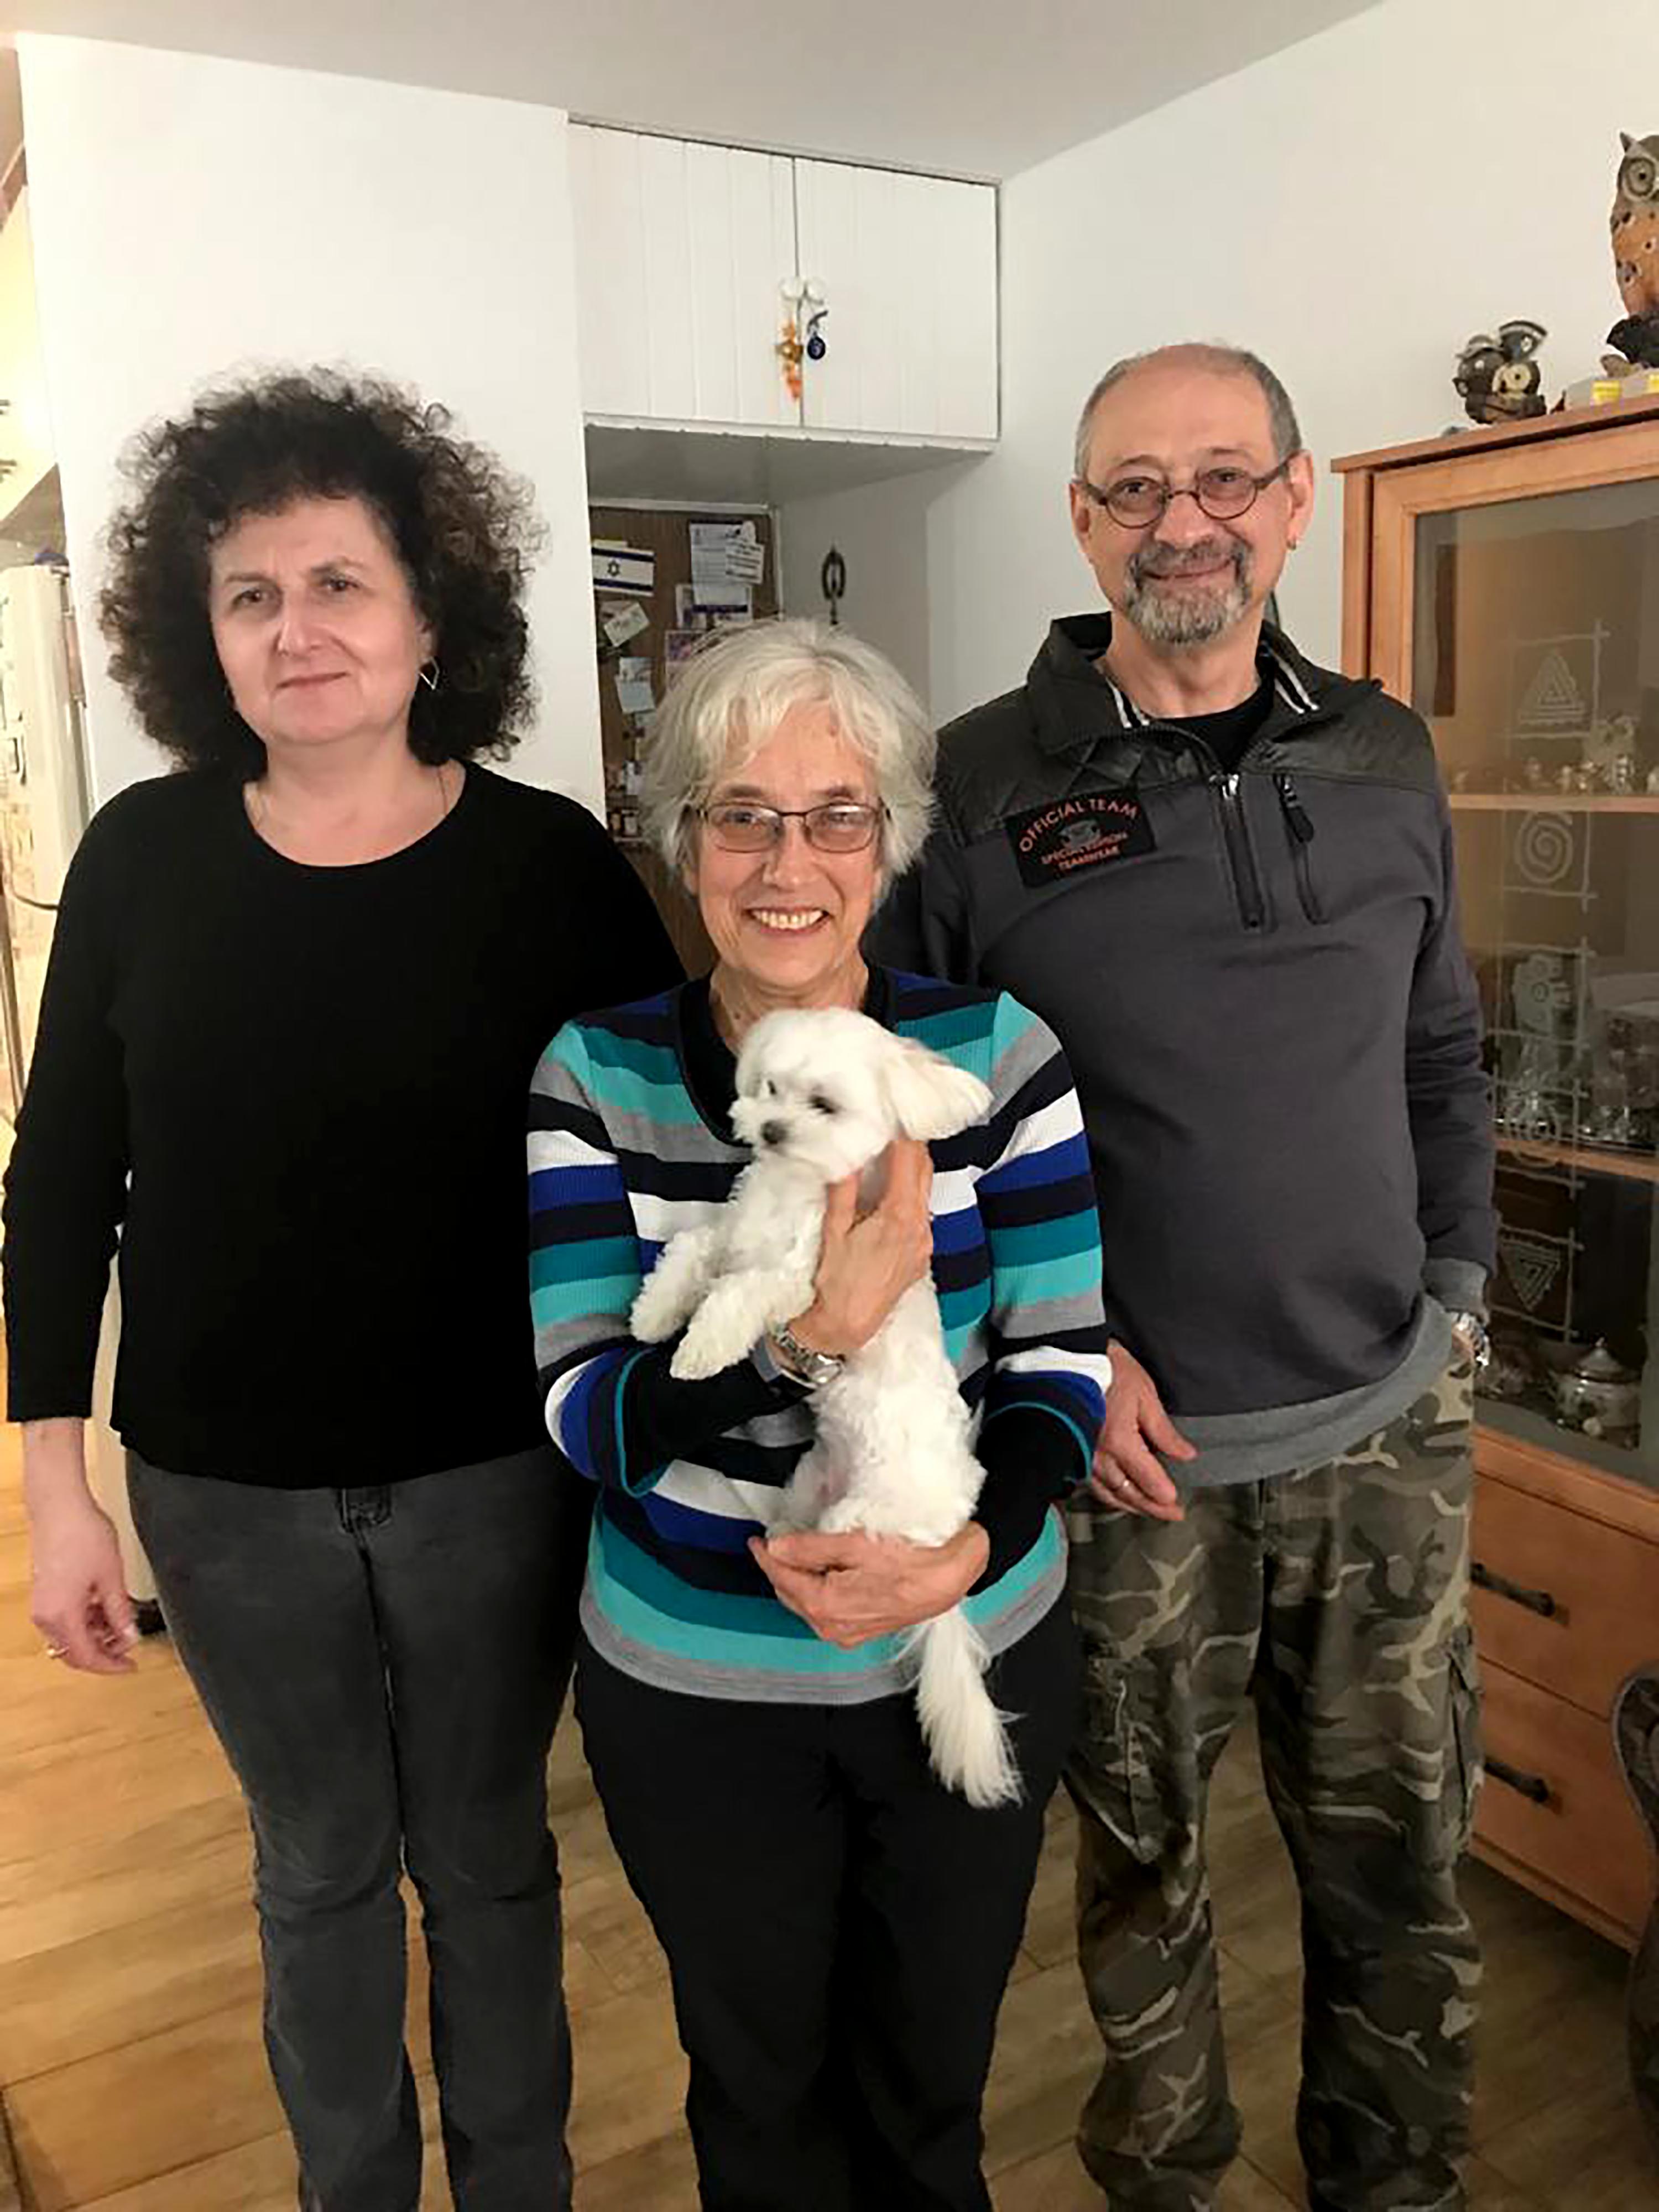 Dina, Zoya, and Boris in January of 2019.